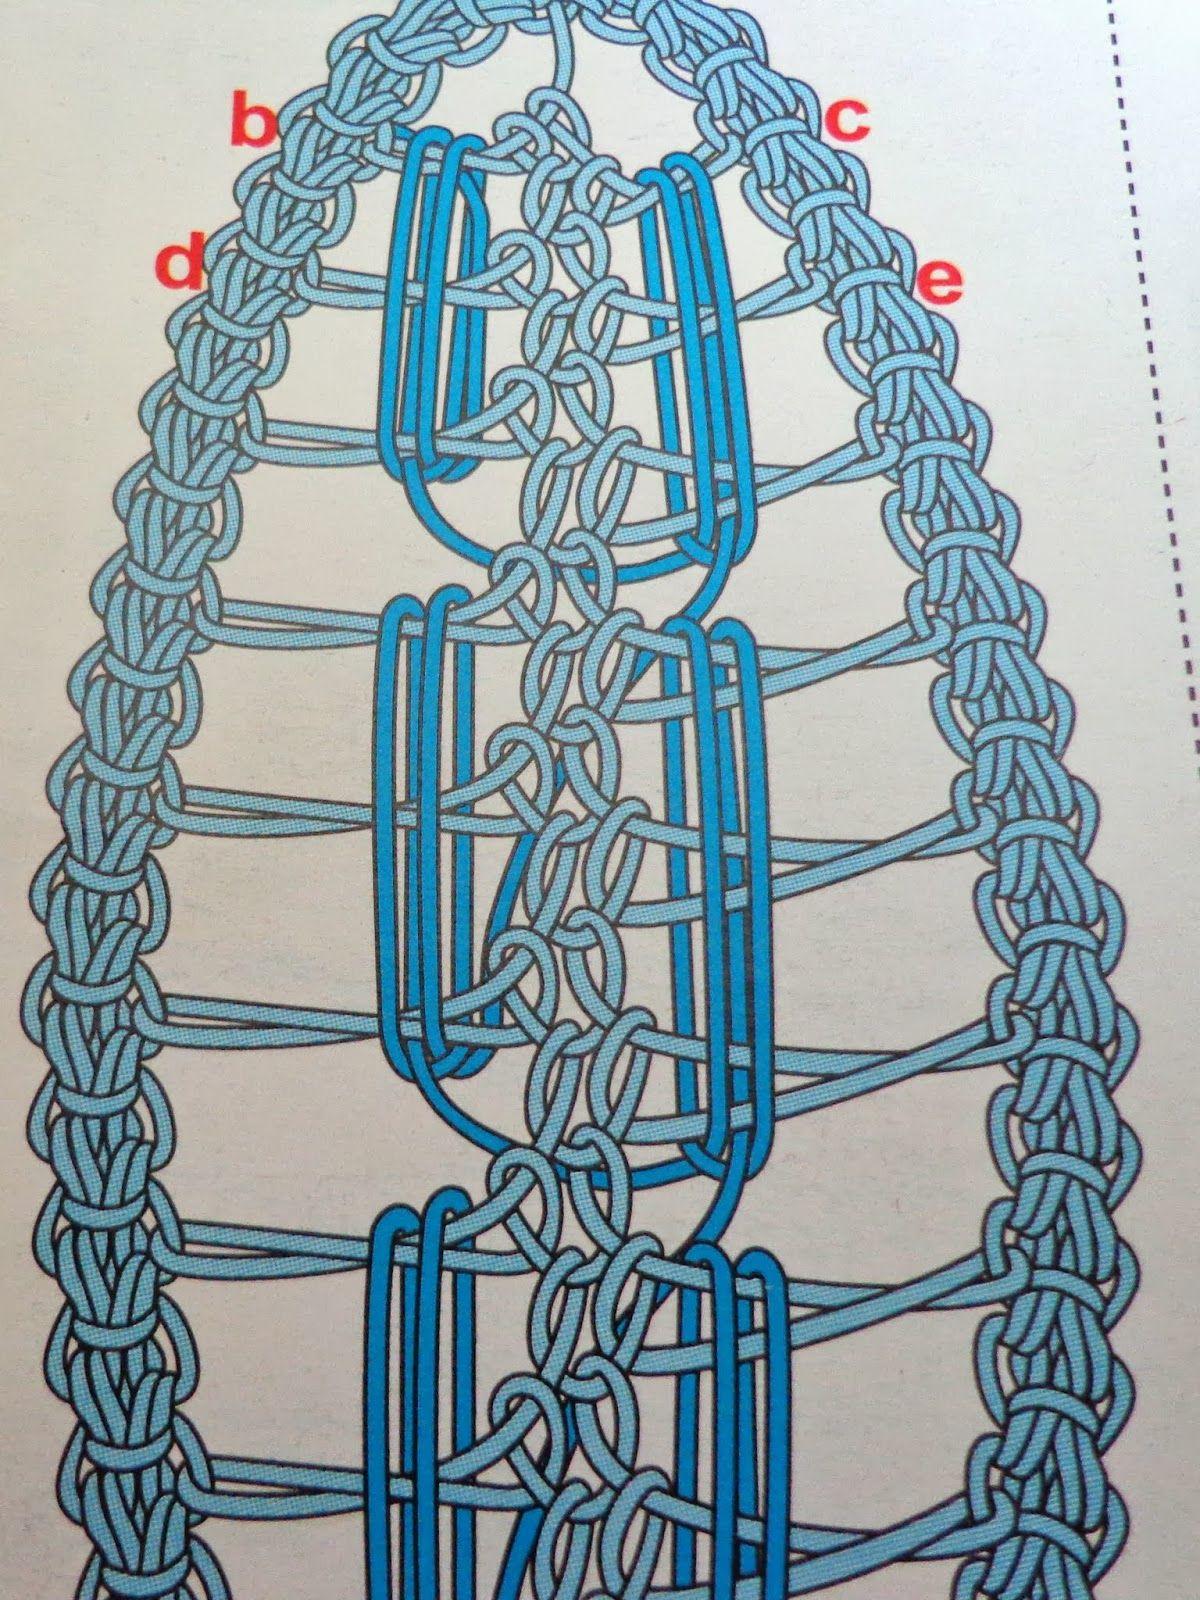 Ileanas Lace: Cusaturi din tecnica Point Lace/olika spets söm som används i Point lace tekniken